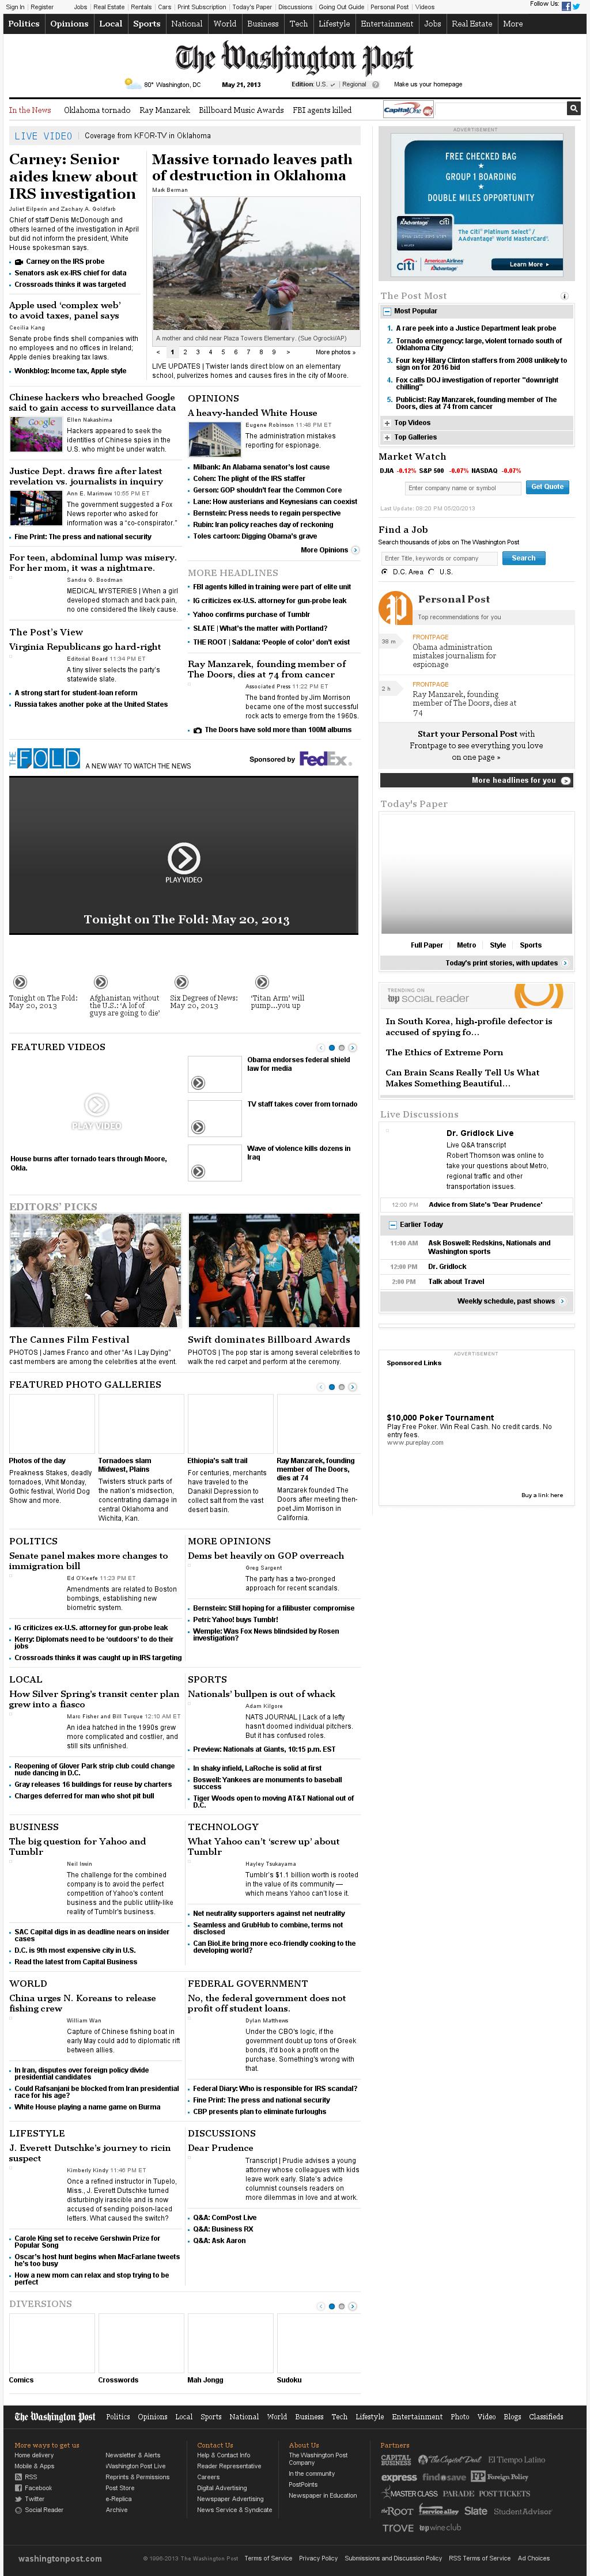 The Washington Post at Tuesday May 21, 2013, 12:27 a.m. UTC